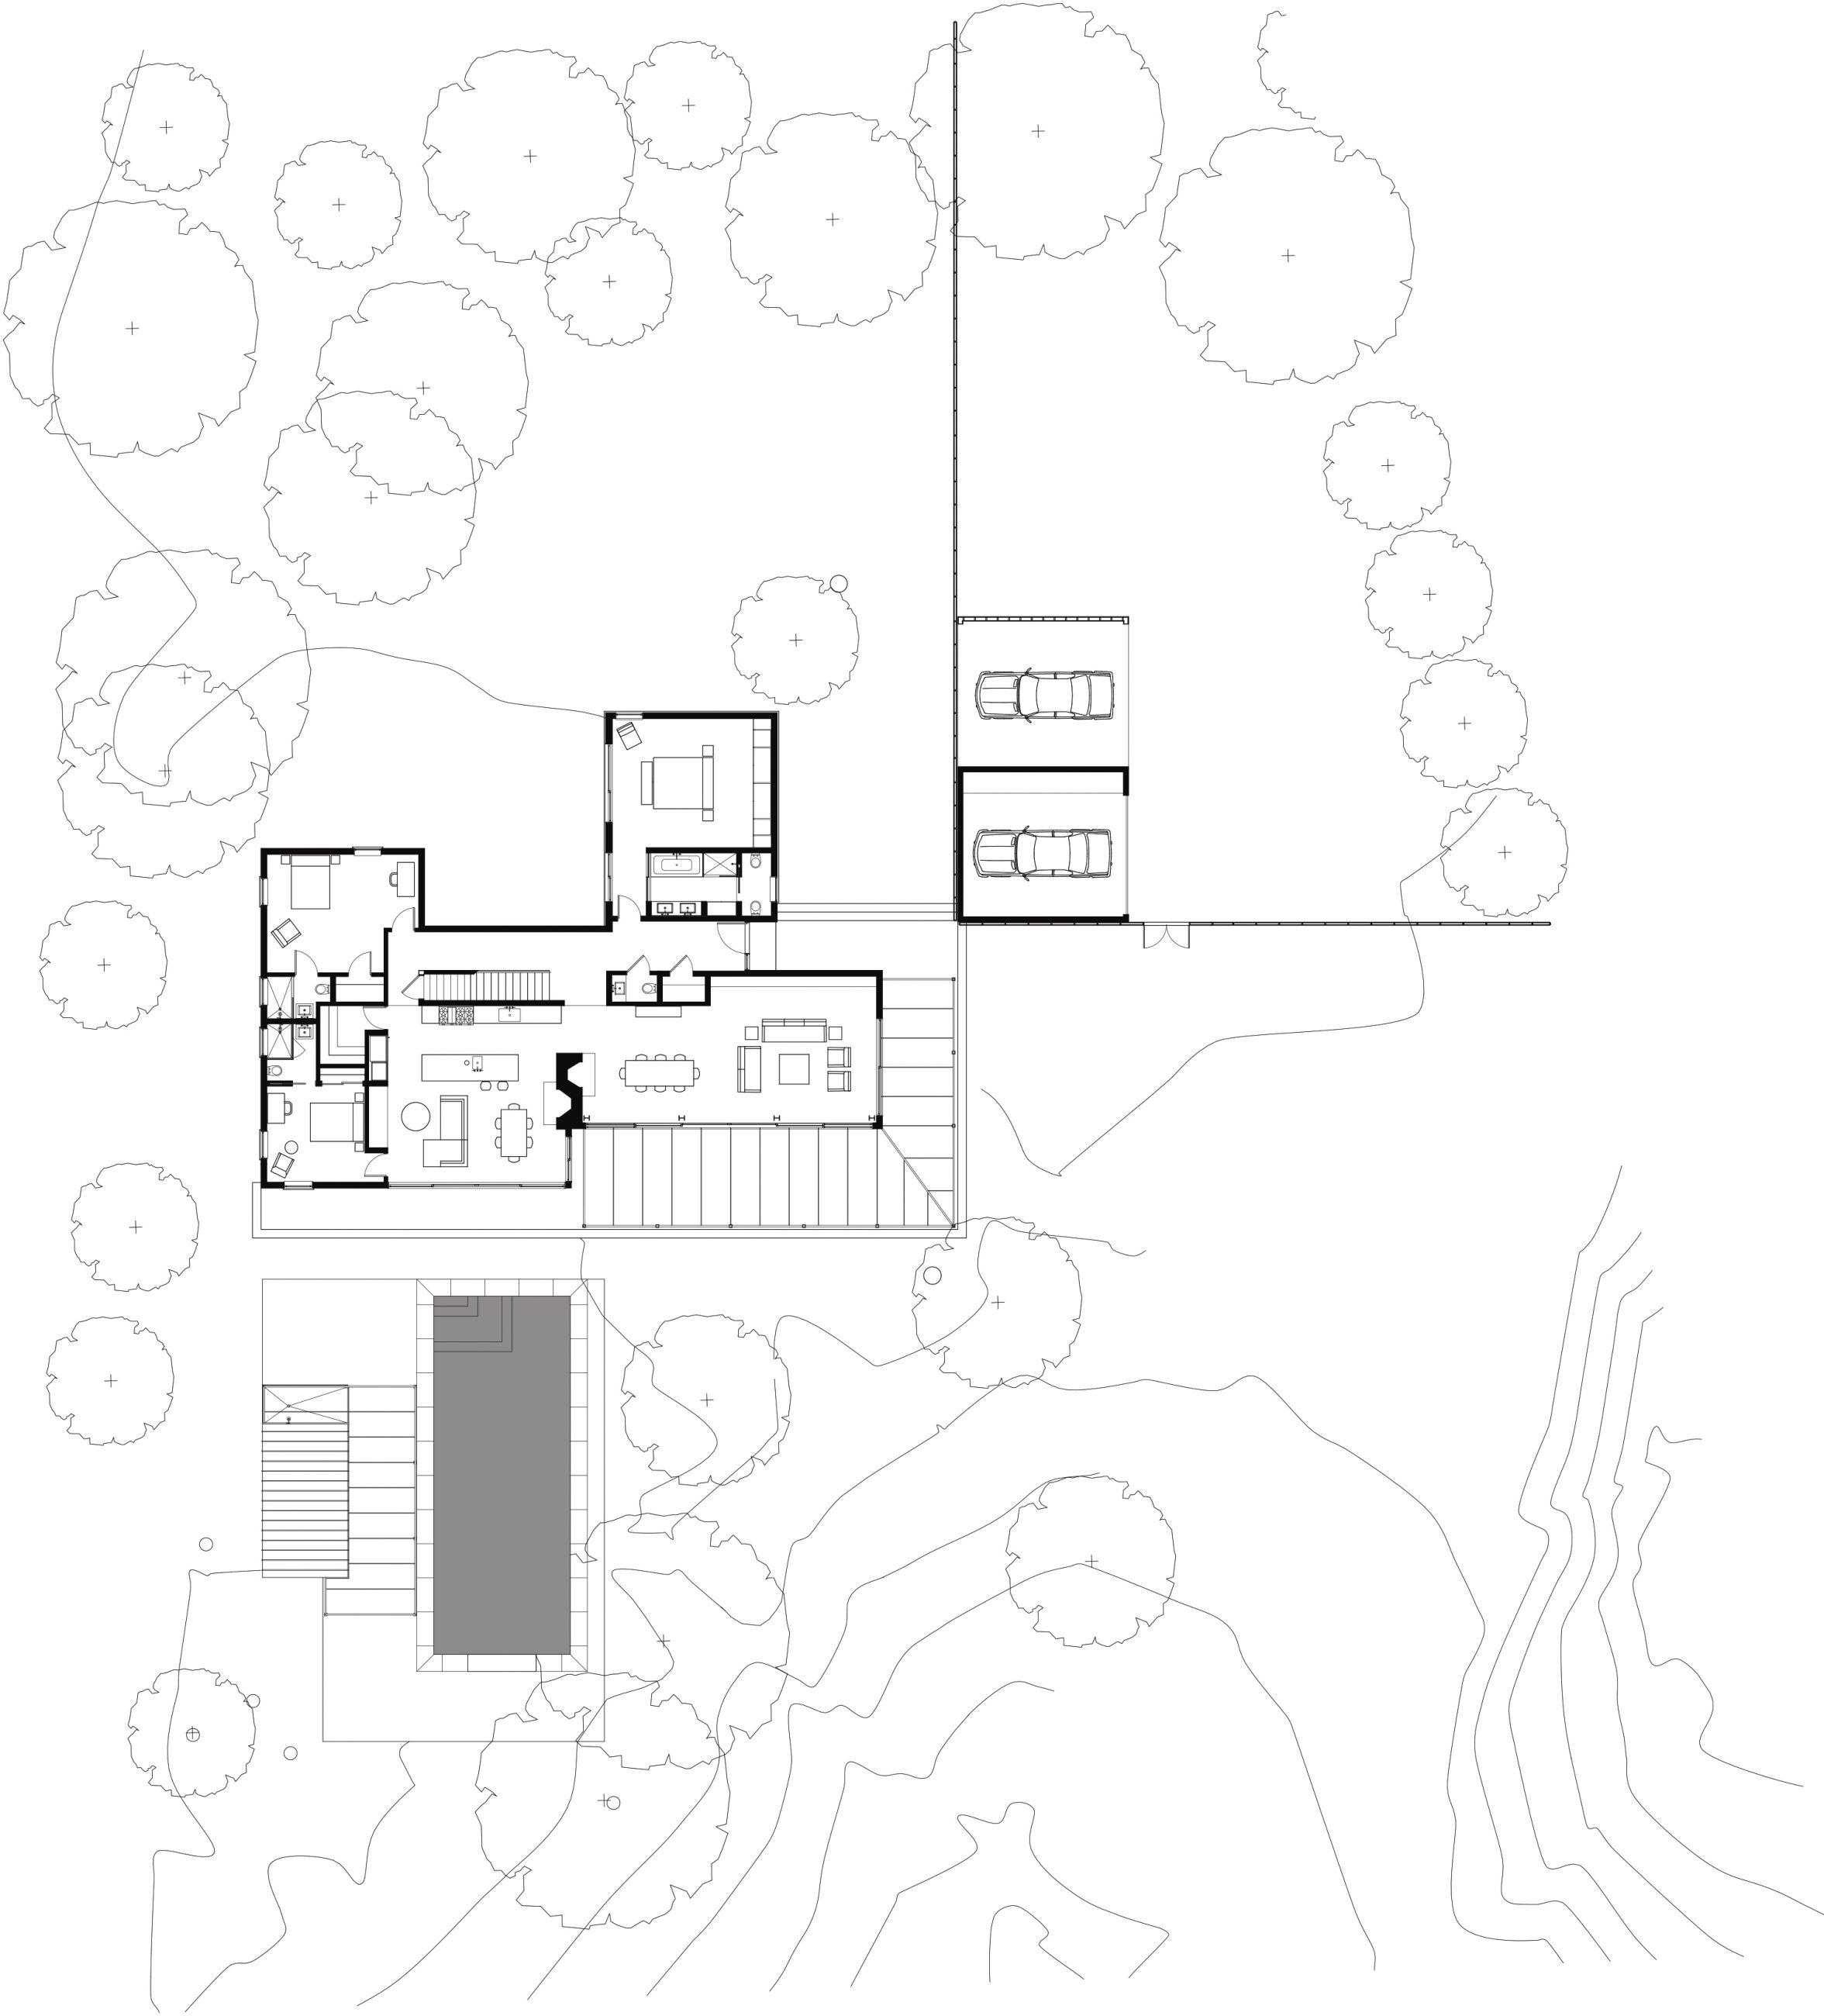 Wainscott House Site Plan